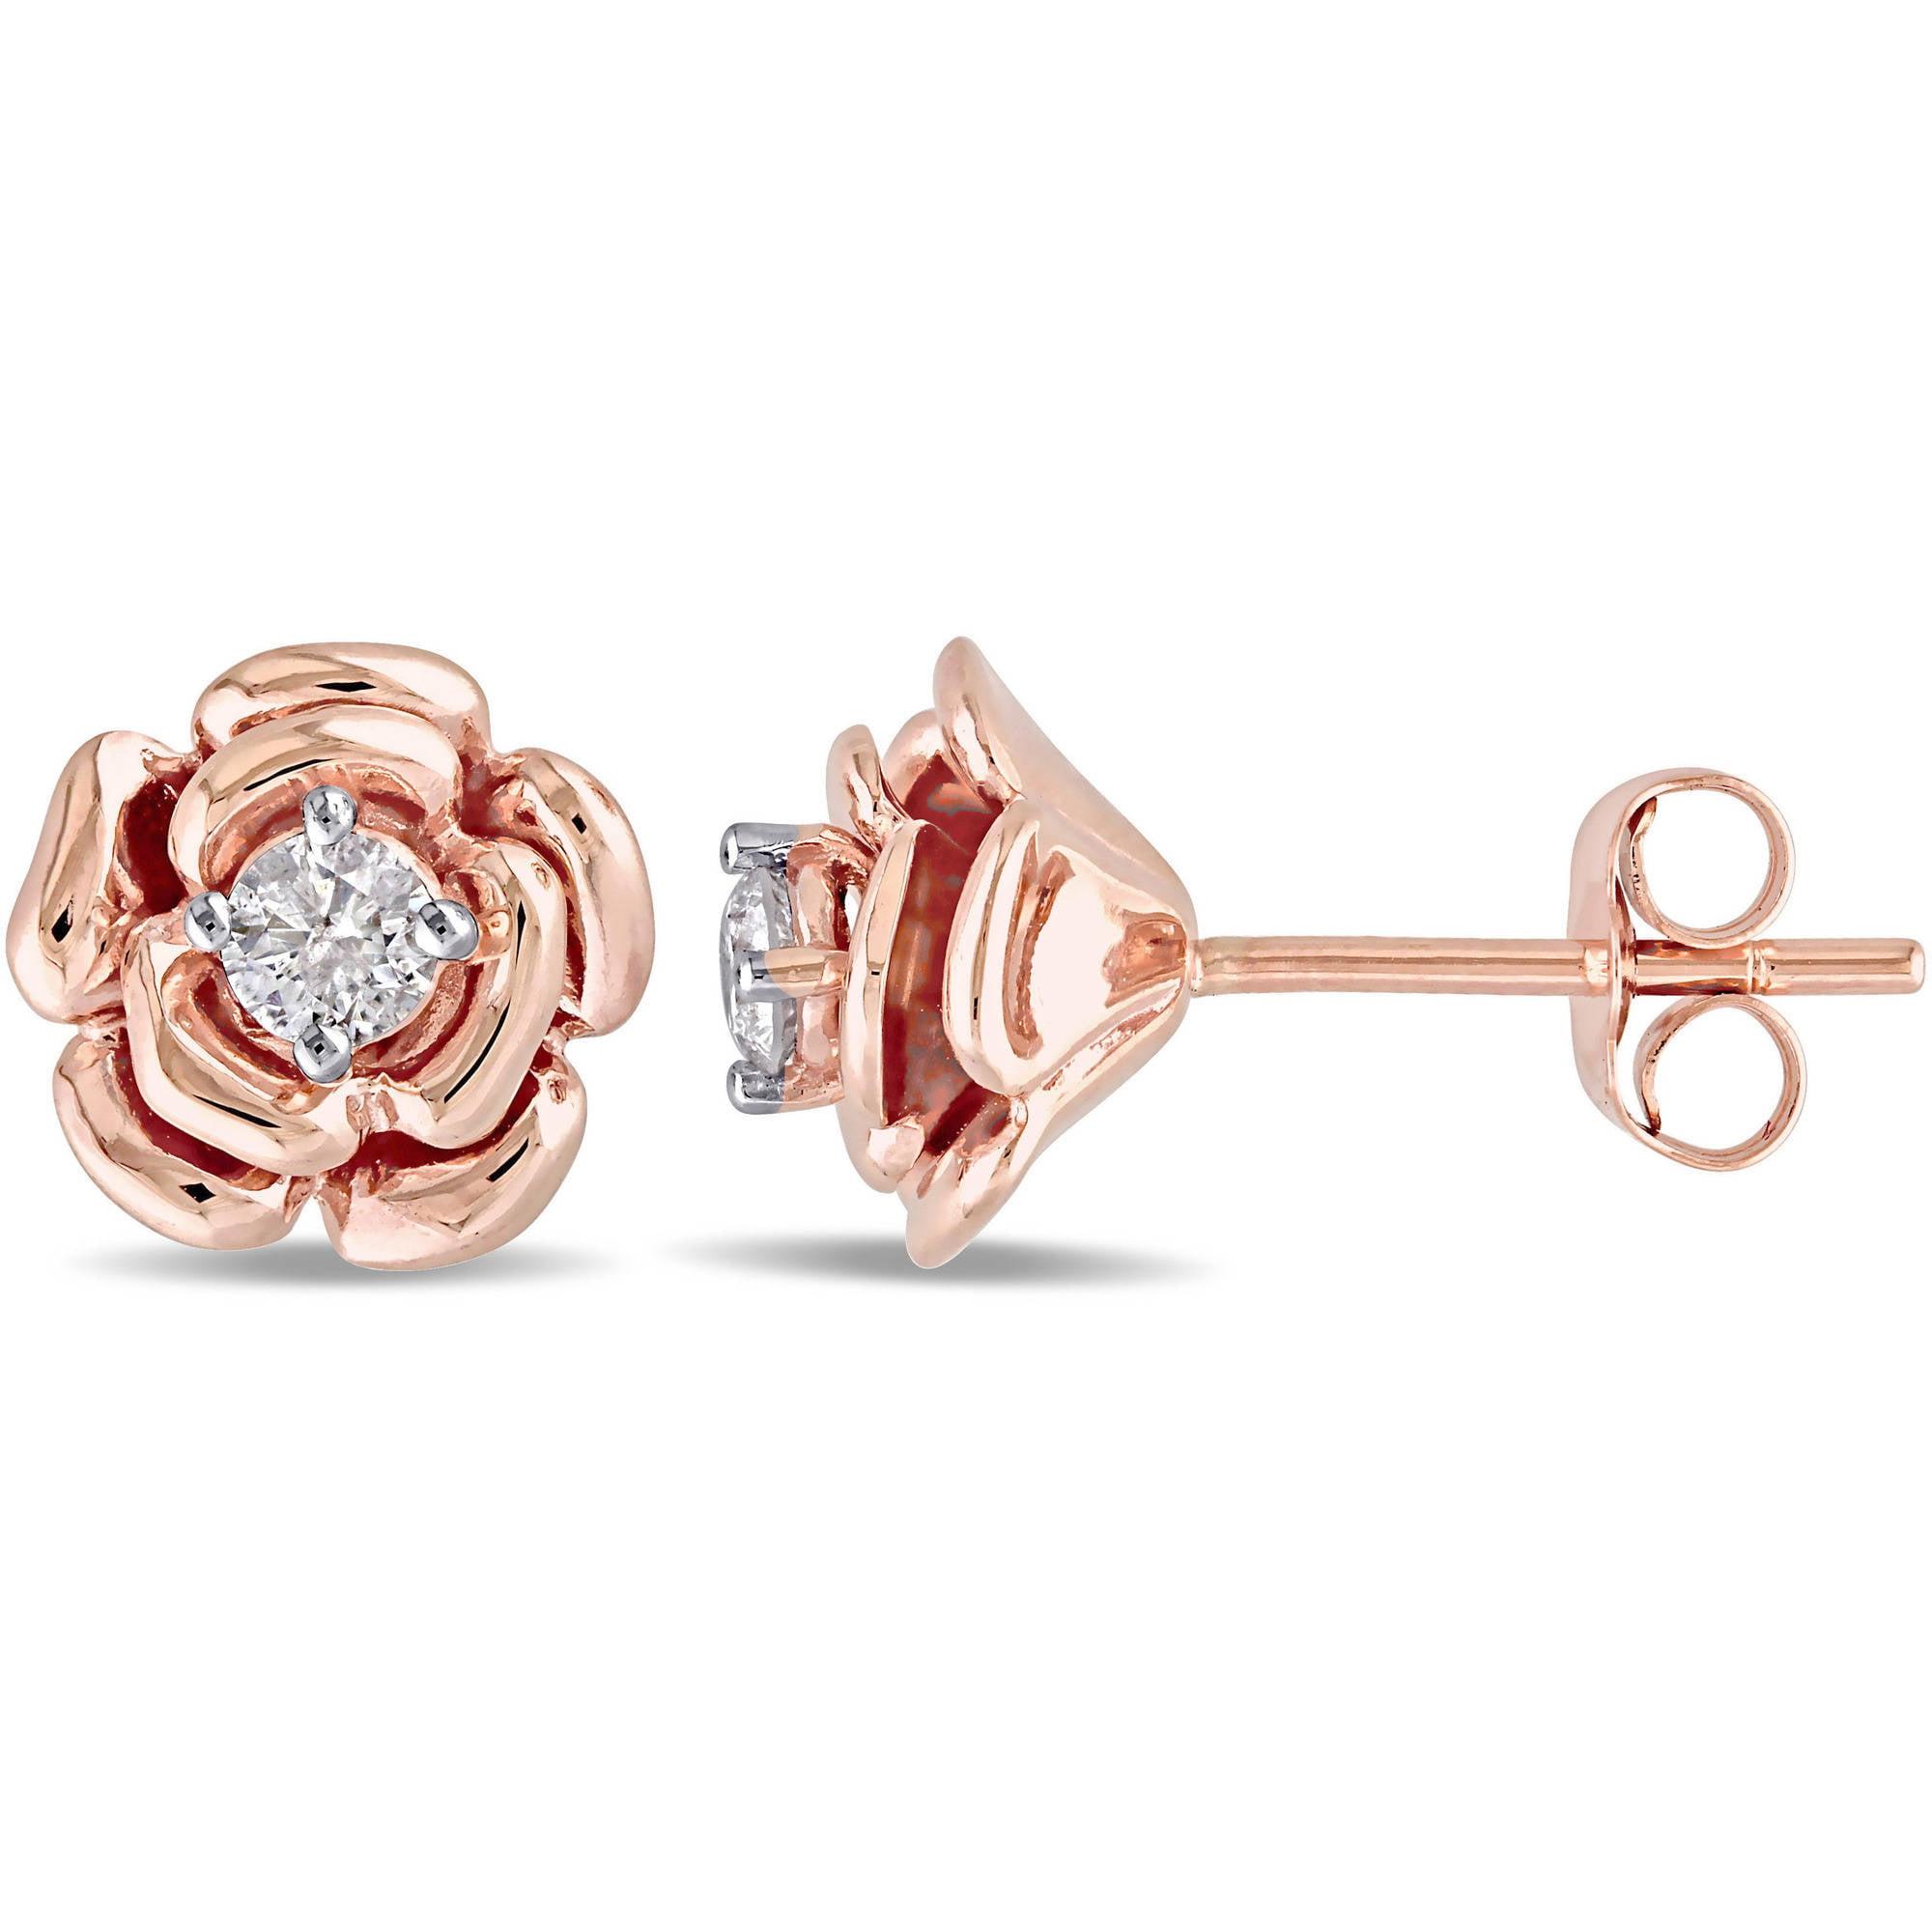 Miabella 1 5 Carat T.W. Diamond 10kt Pink Gold Flower Stud Earrings by Delmar Manufacturing LLC